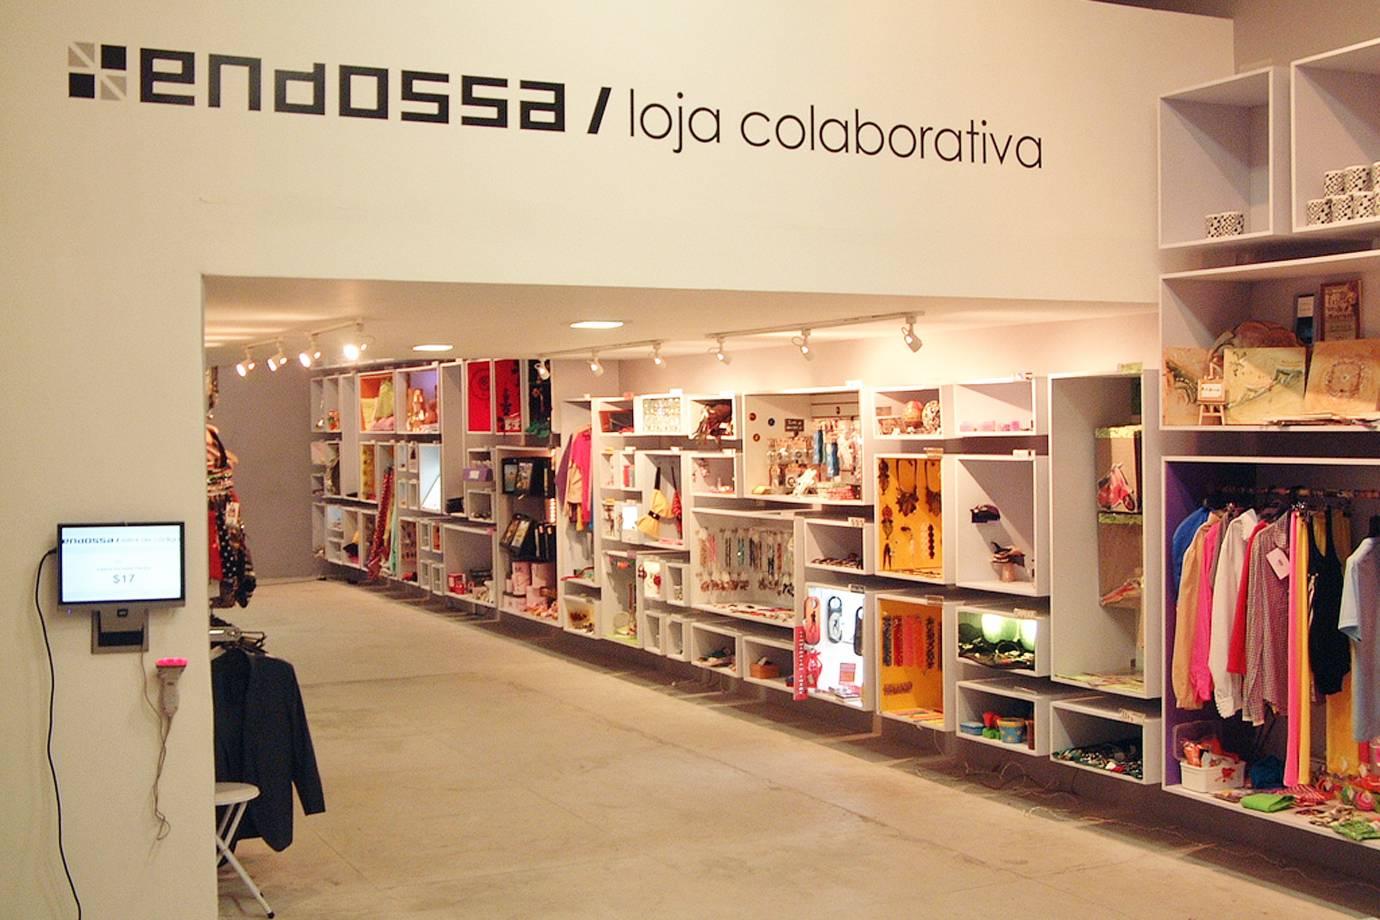 67e5c170c A Loja Endossa é uma das referências em lojas colaborativas e possui  diversas unidades em São Paulo. Veja onde você pode encontrá-las.